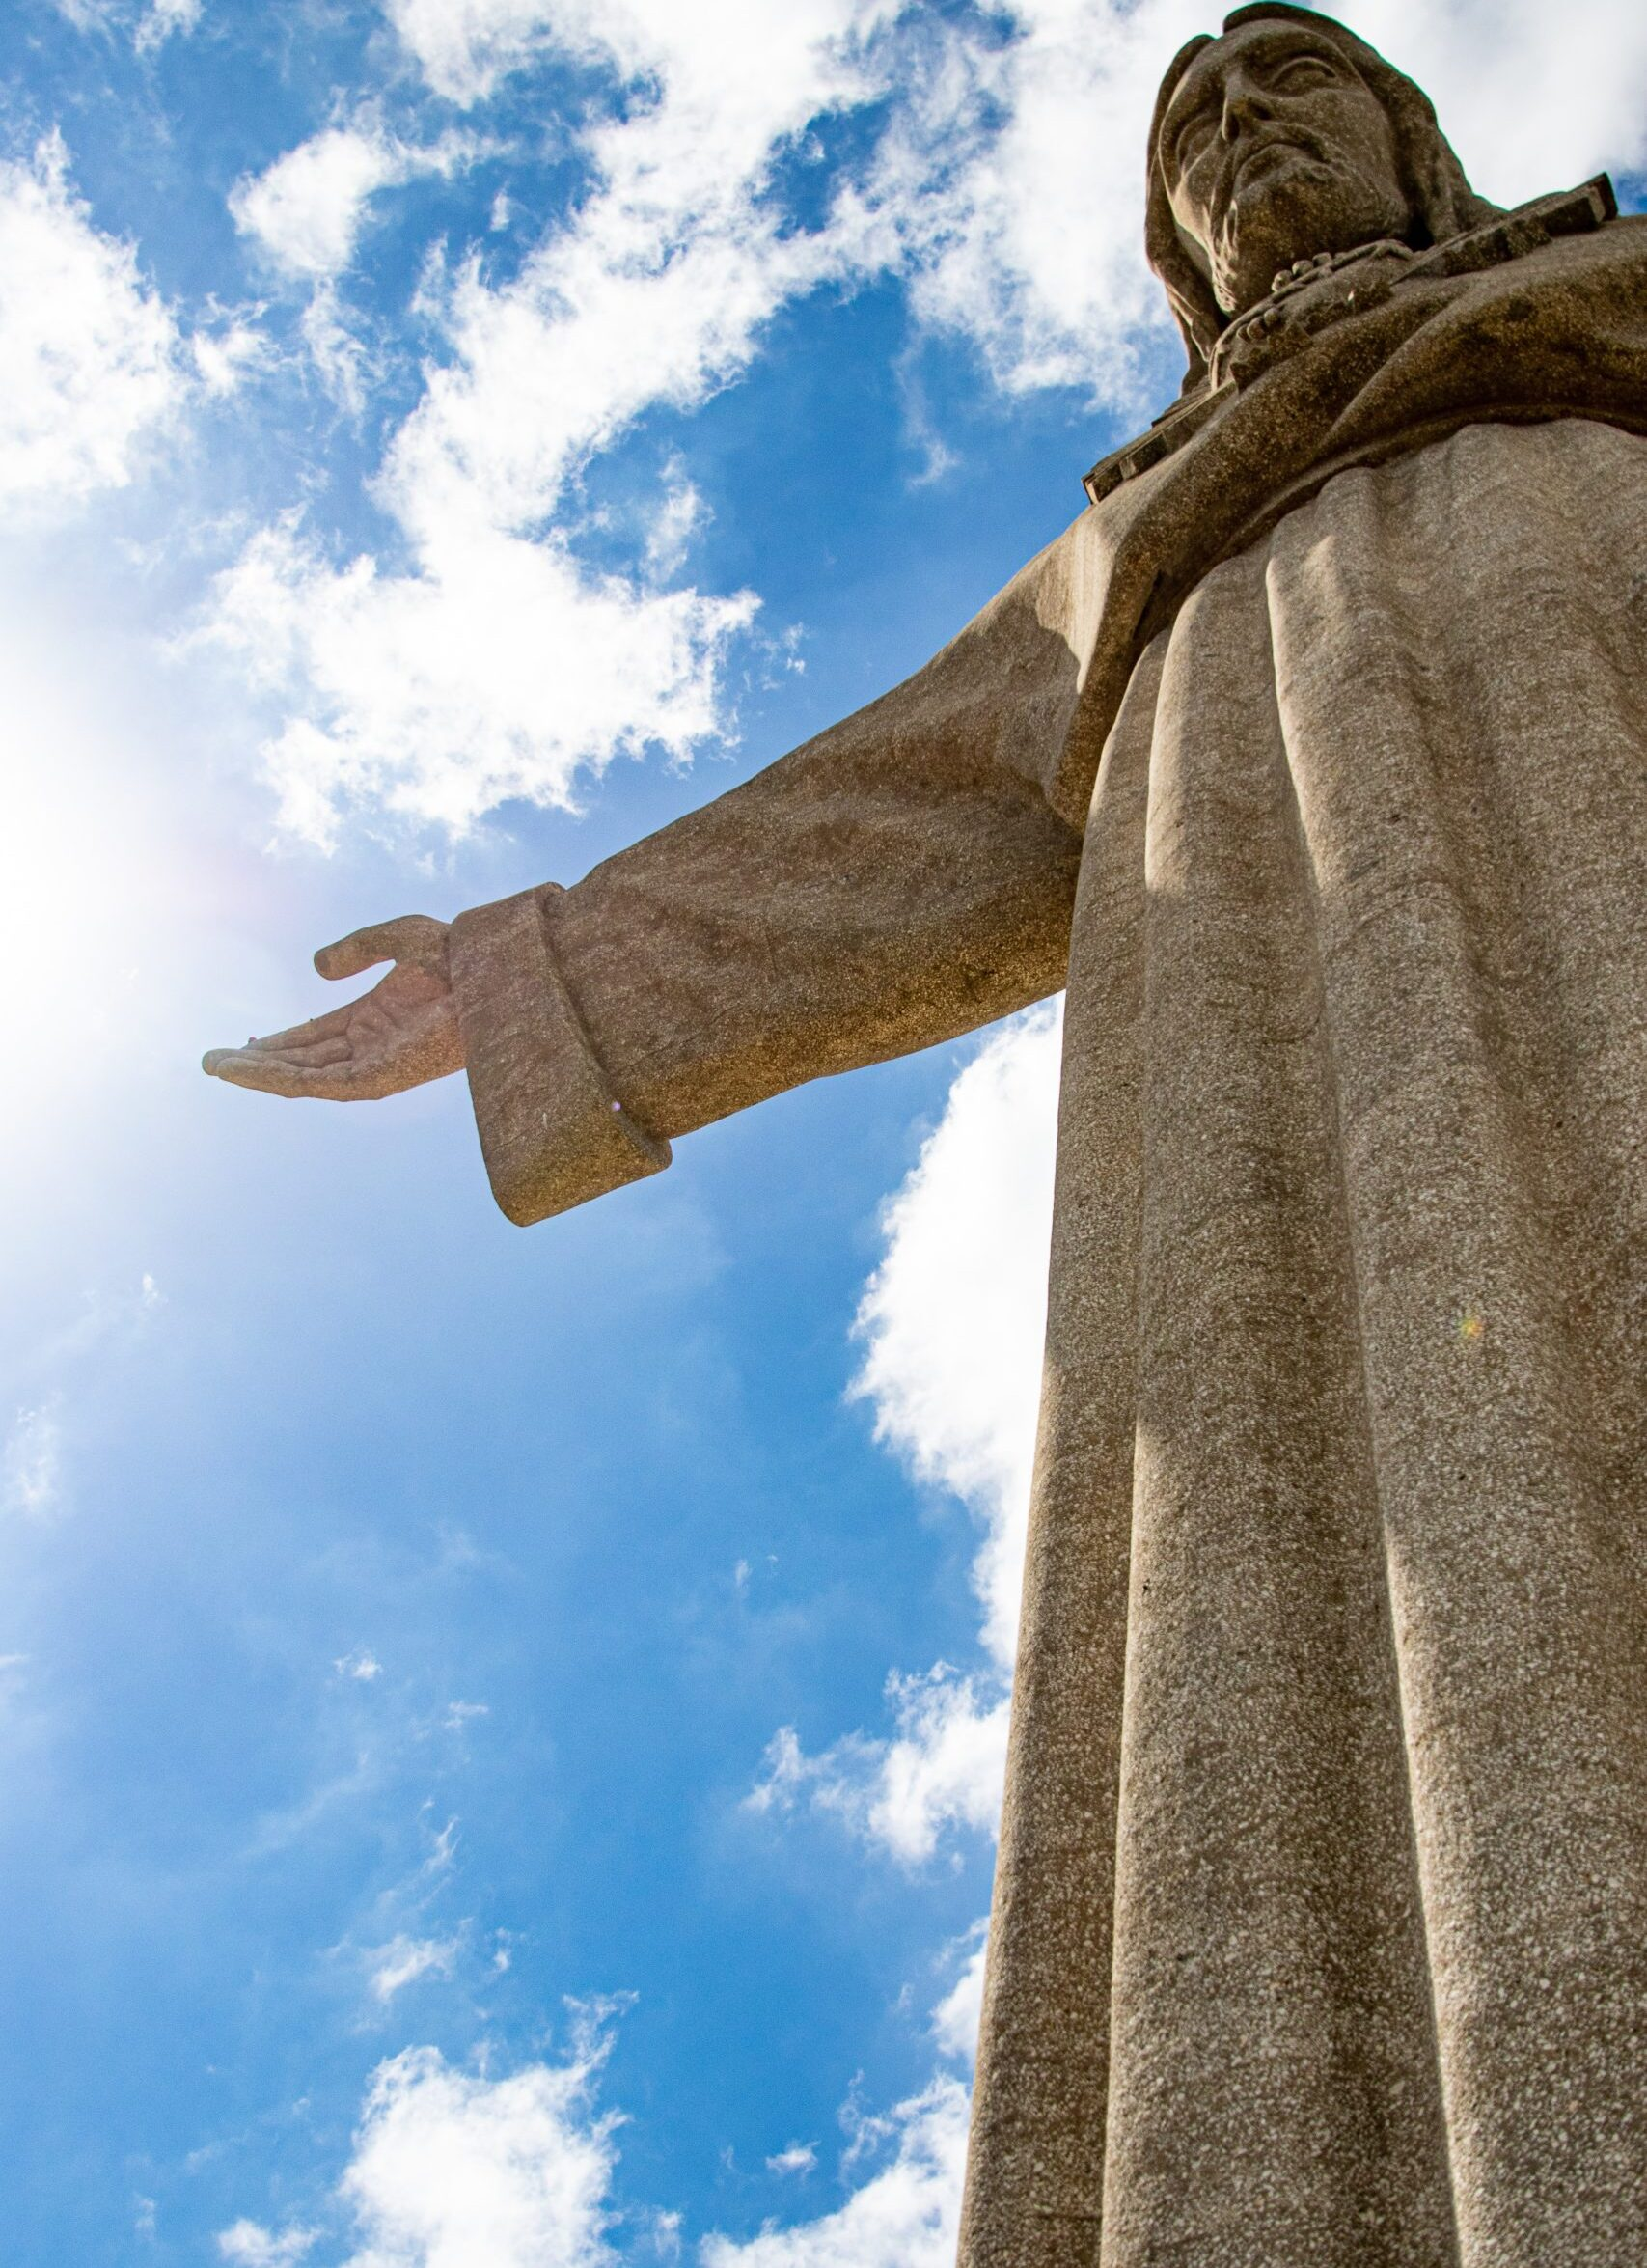 jesus-christ-statue-2566327